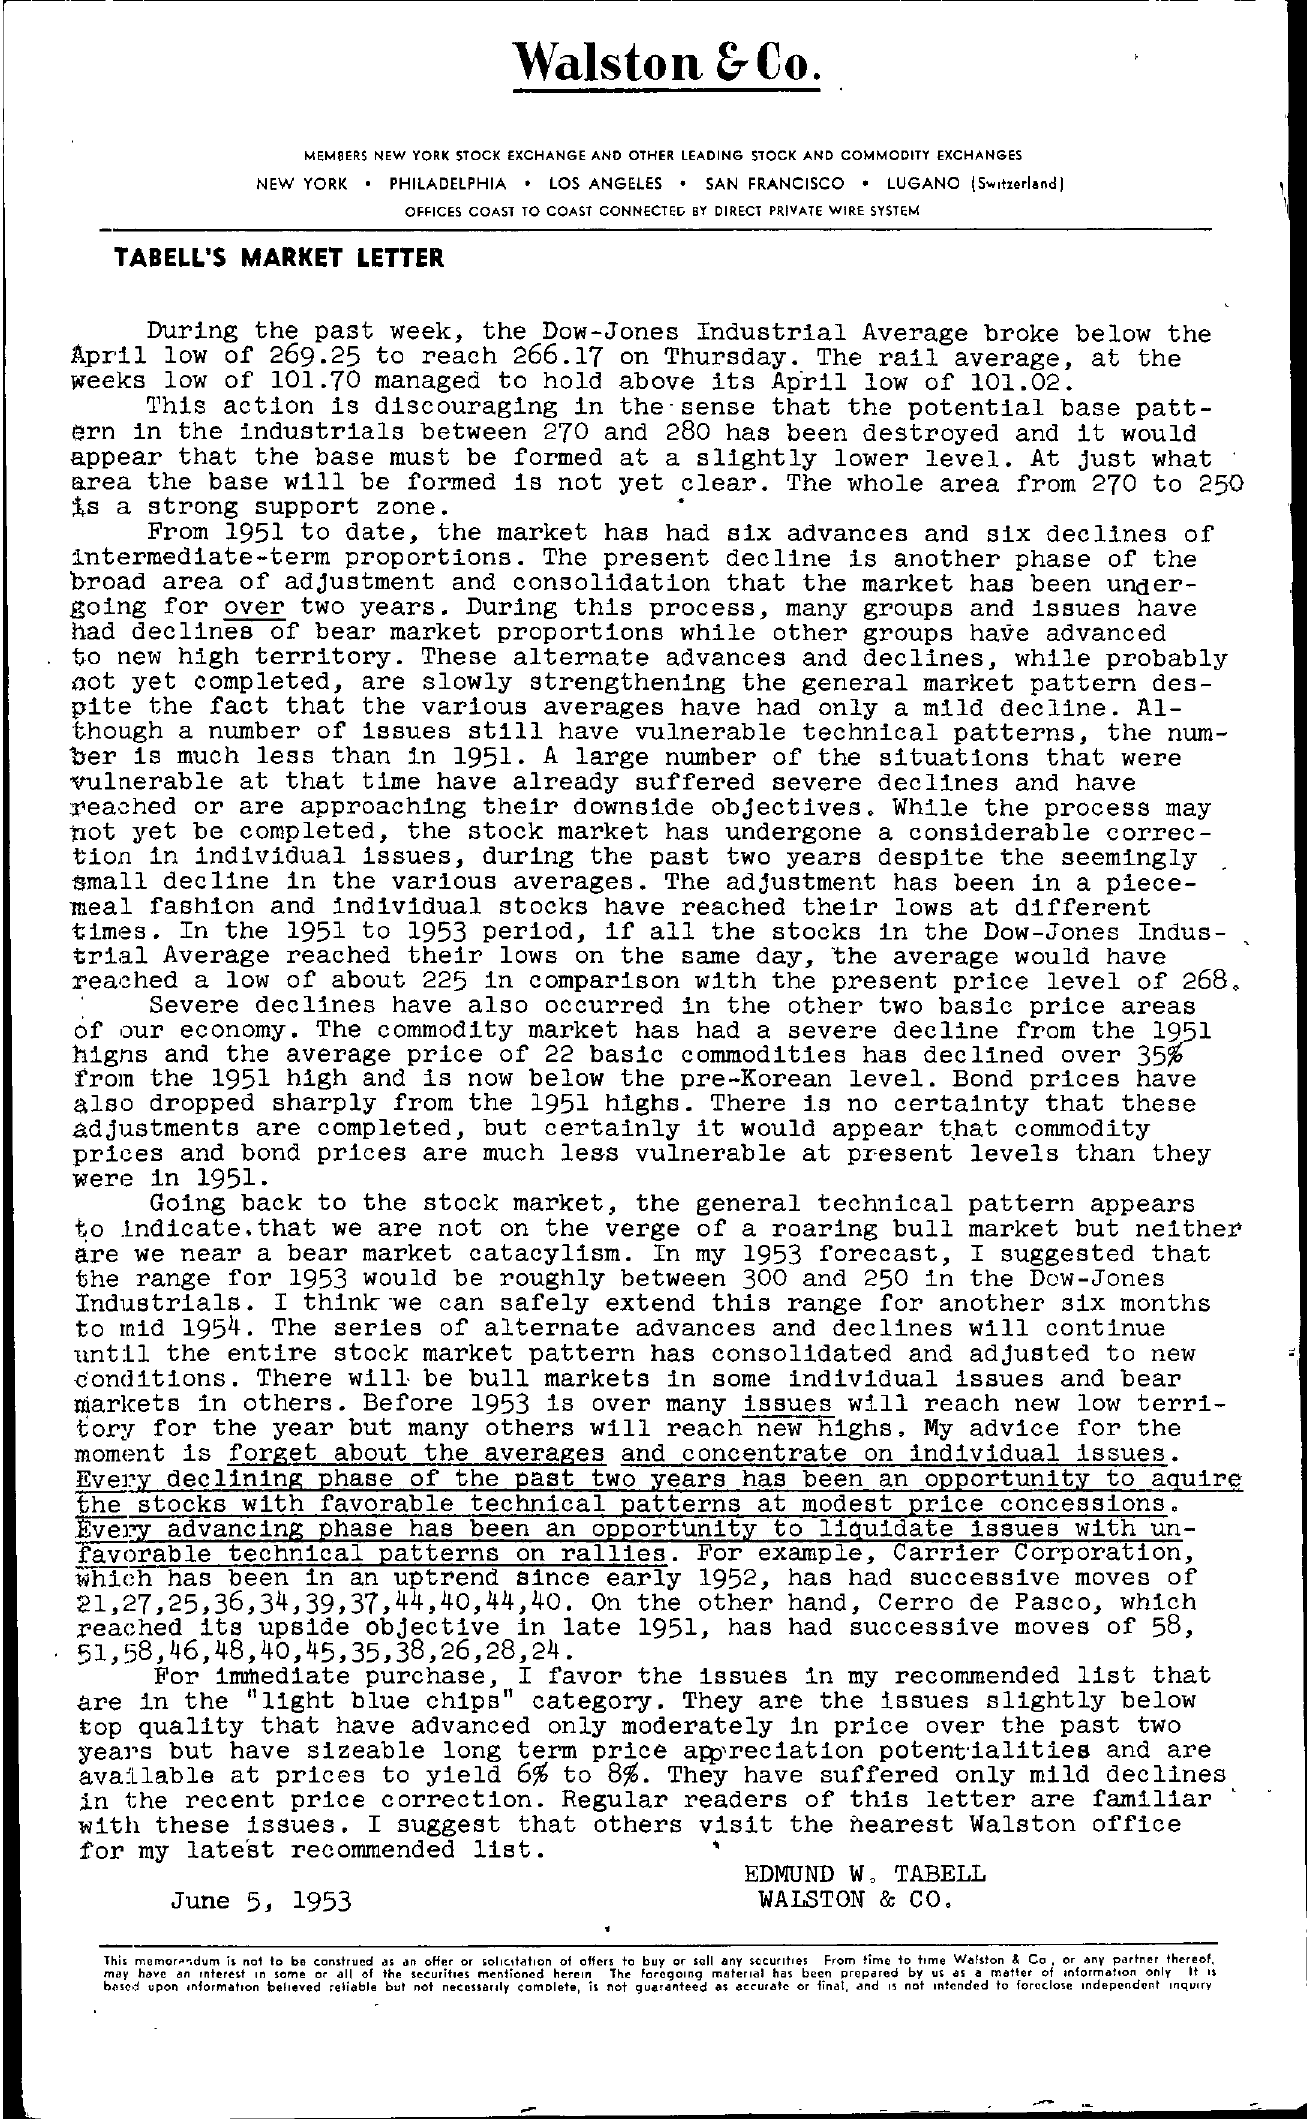 Tabell's Market Letter - June 05, 1953